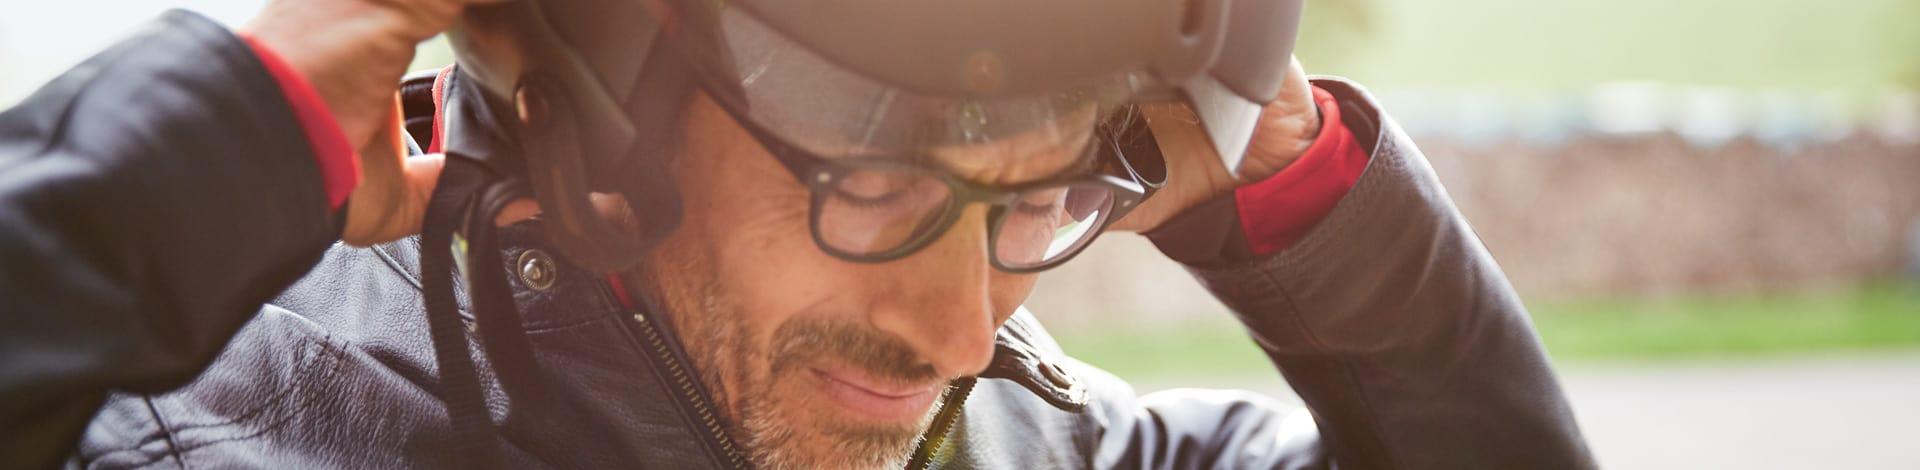 Assurance moto et scooter - un monsieur met son casque